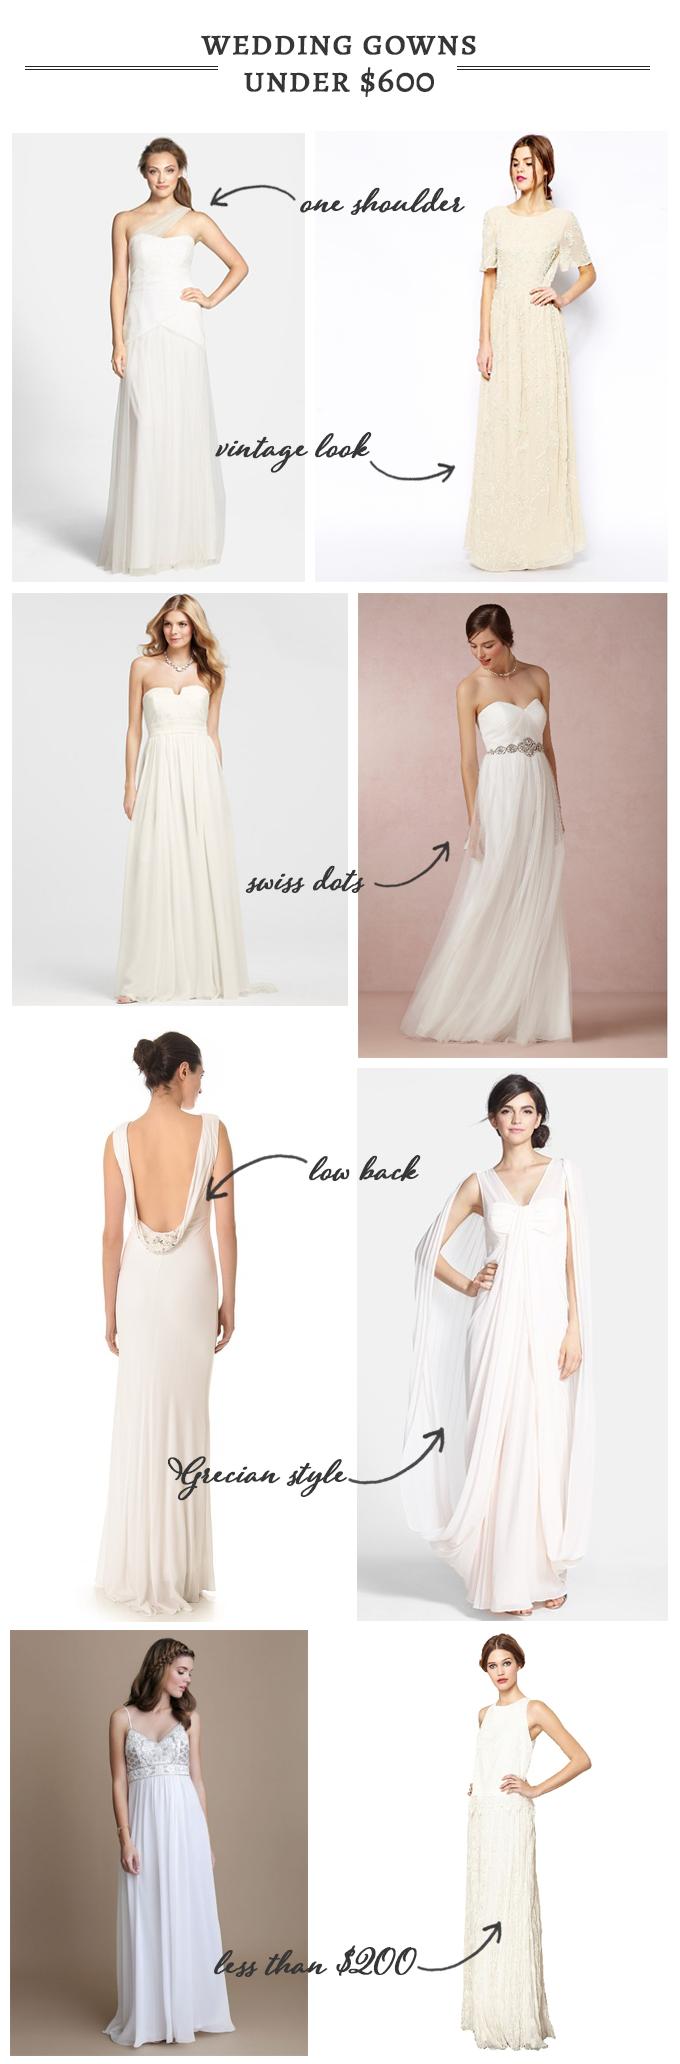 gowns under $600